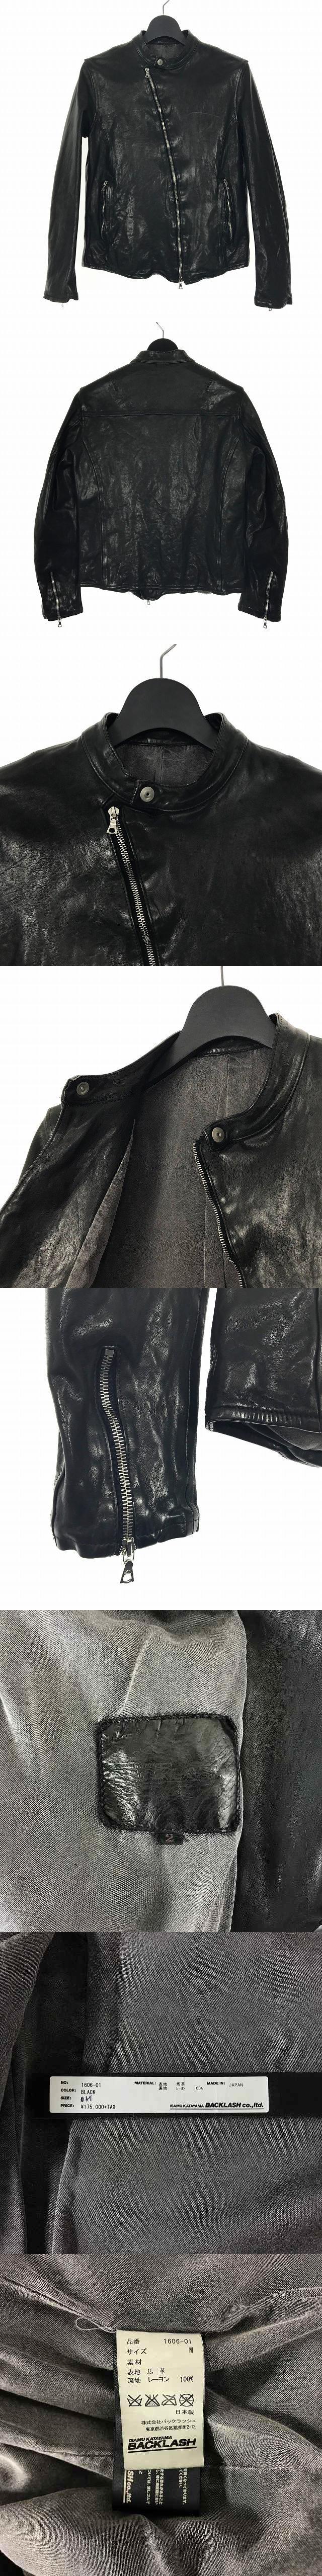 16AW ジャパンホース レザー シングルライダース 製品染め M ブラック 黒 1606-01